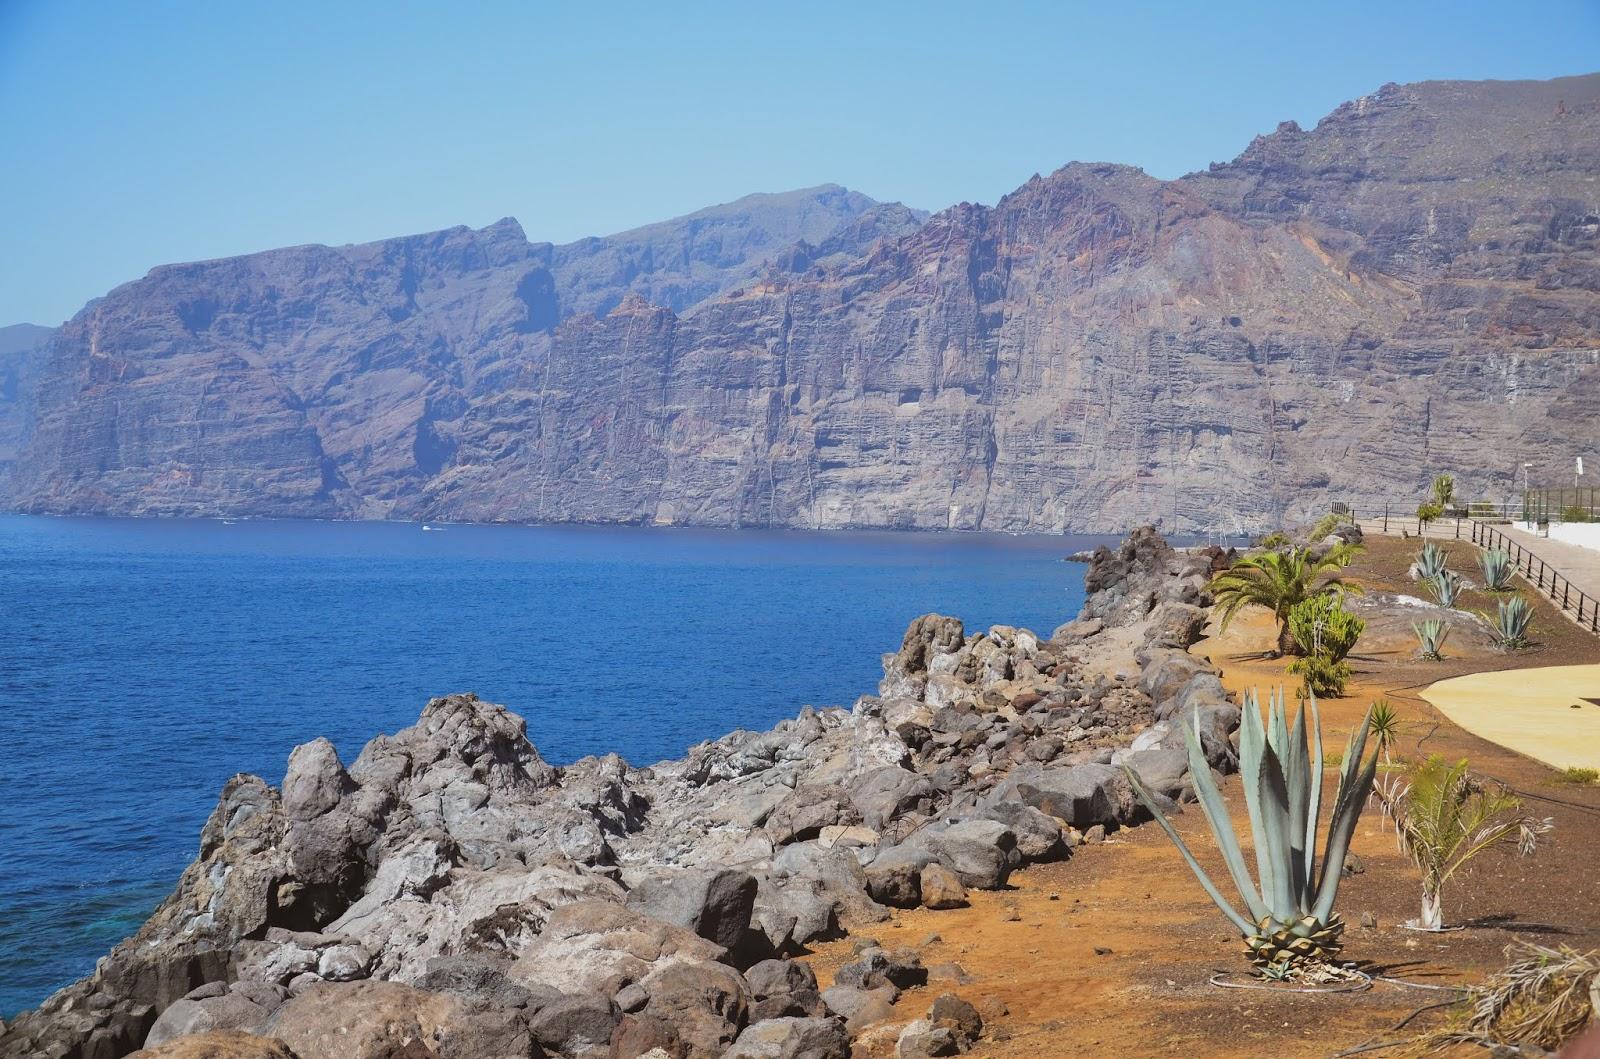 Teneryfa, trzy plaże na Teneryfie, najlepsze plaże na Teneryfie, Wyspy Kanaryjskie, wycieczka na Teneryfę, zakręcona, zakreecona, Las Teresitas, El Bolullo, Los Gigantos